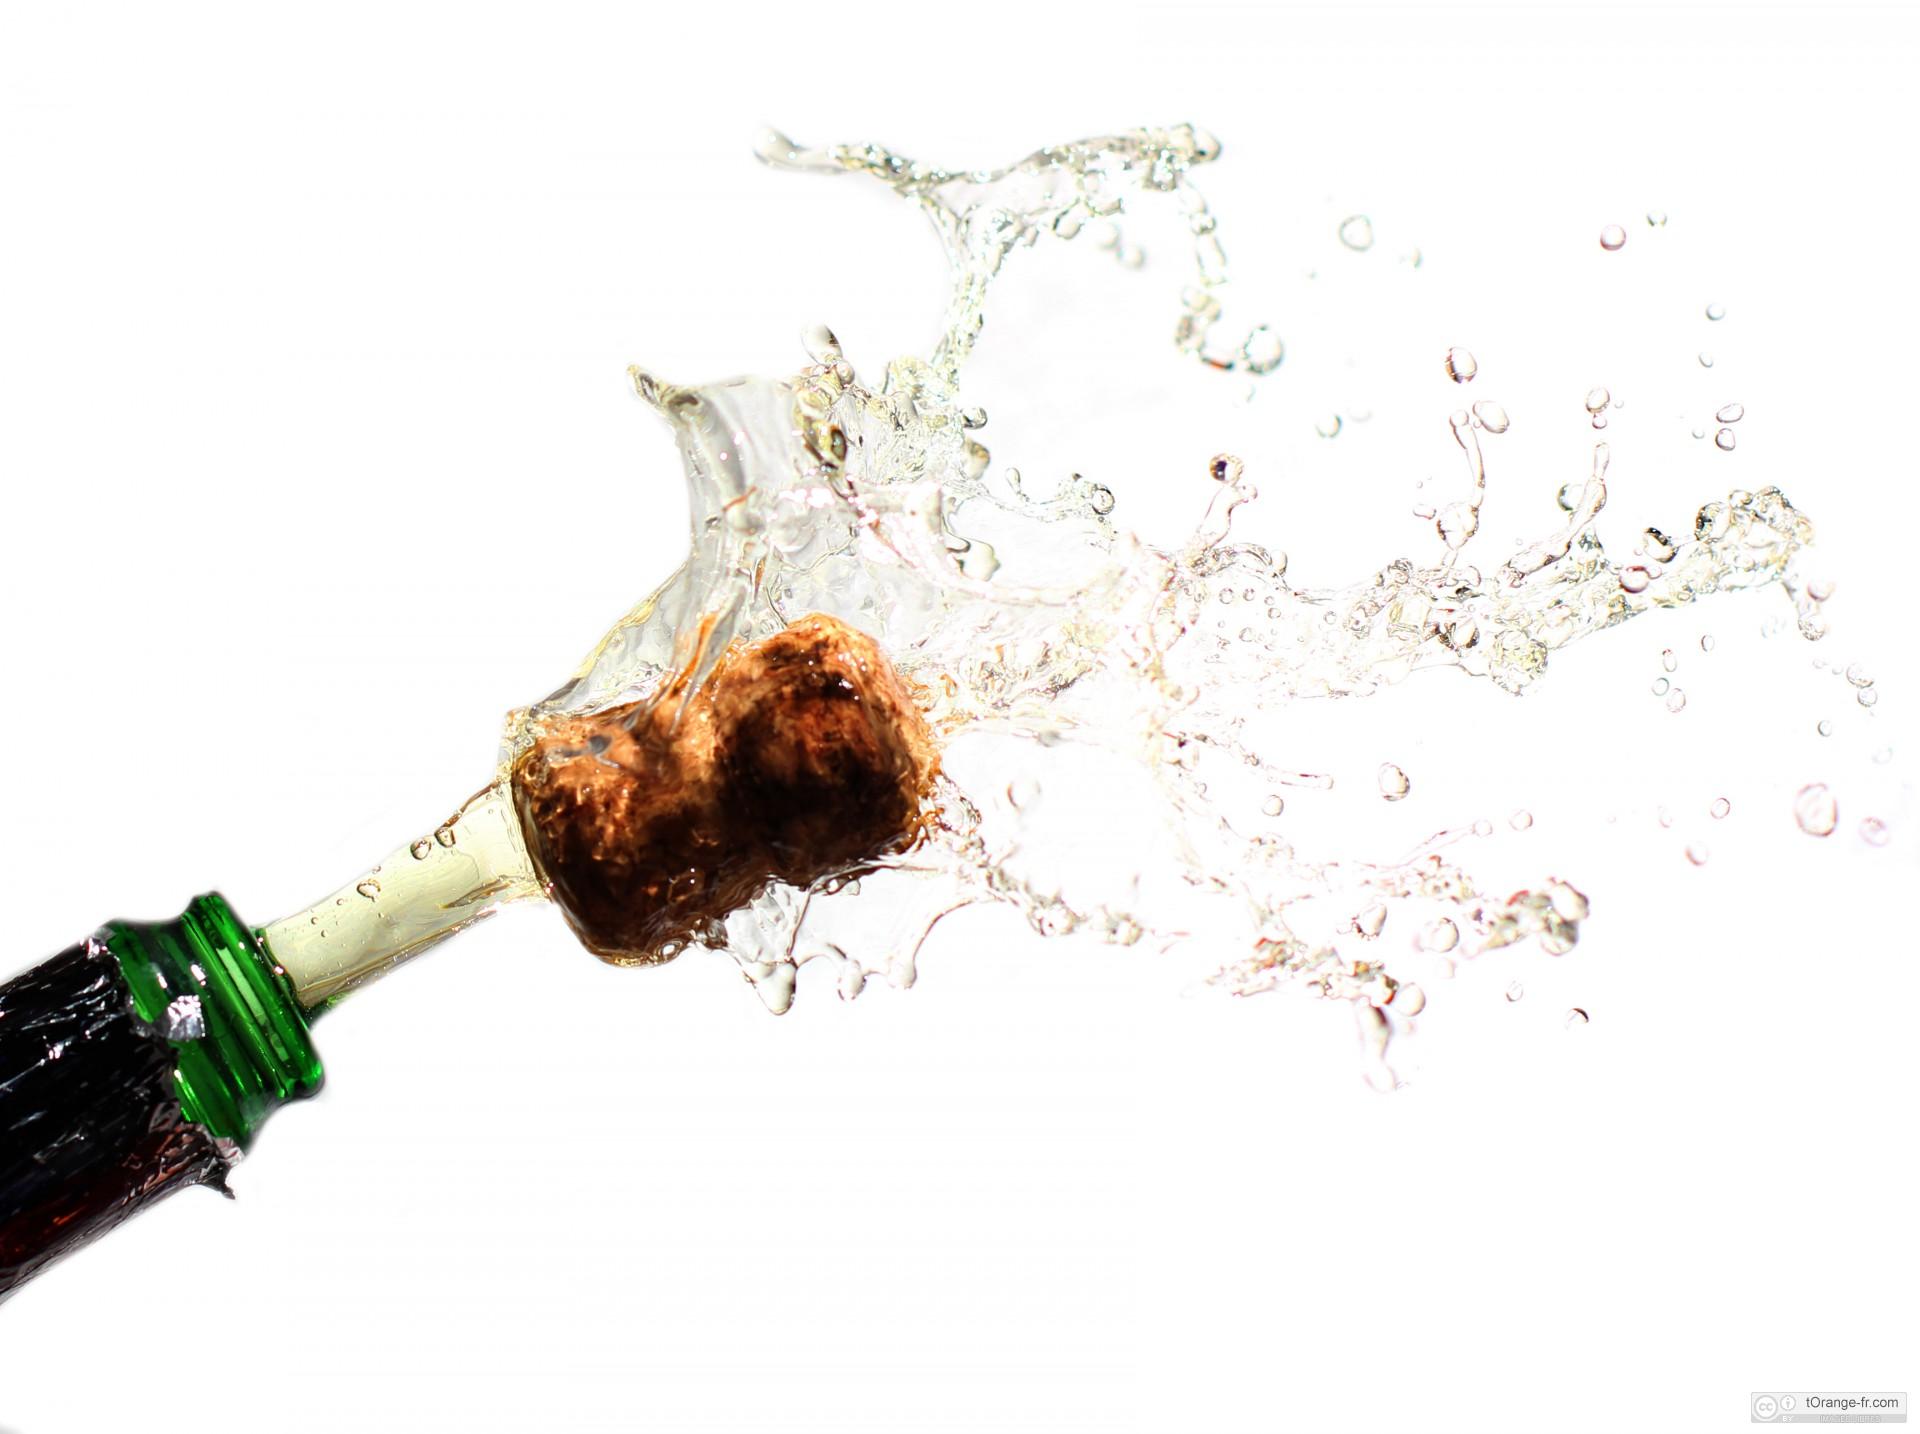 Comment ouvrir une bouteille de champagne dans les r gles de l 39 art apprendre les bonnes mani res - Combien de bouteille de champagne par personne ...